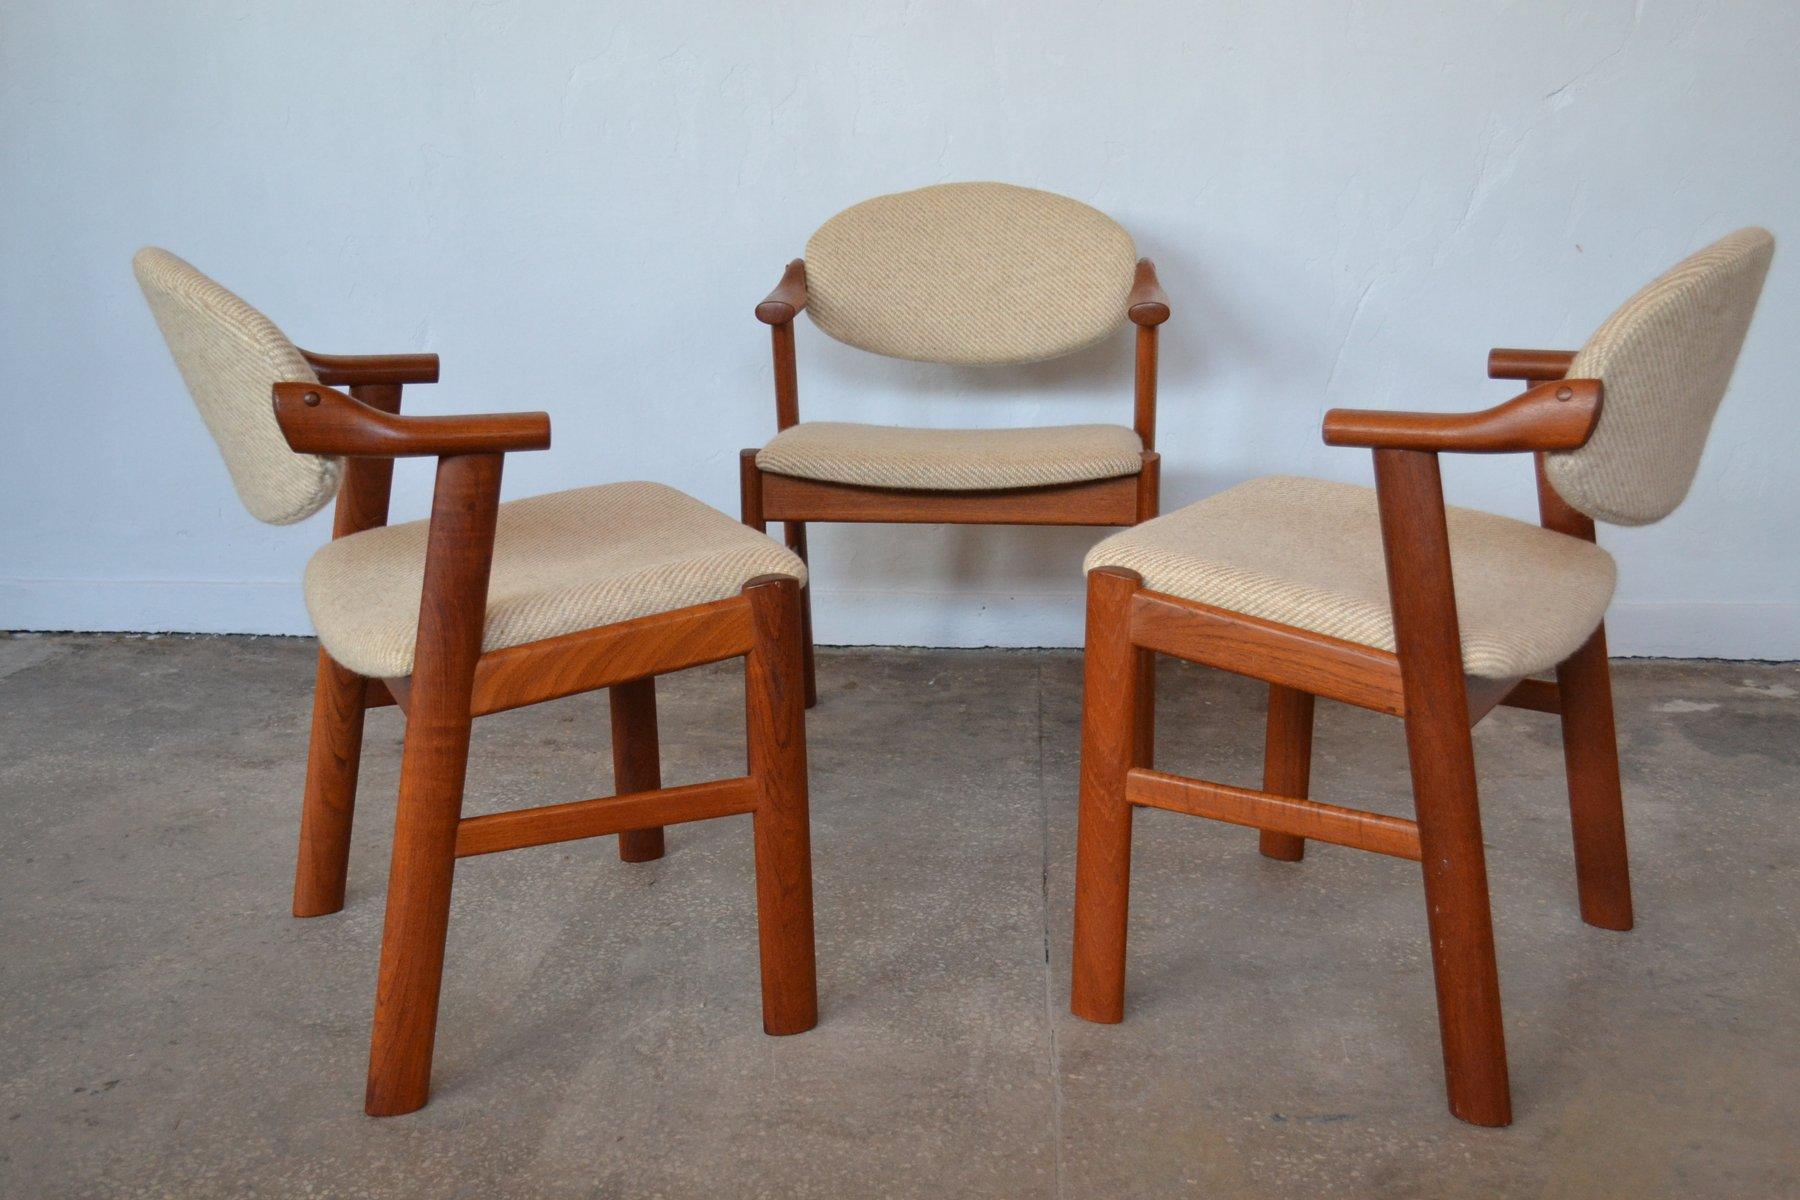 d nische st hle von kai kristiansen f r schou andersen 1960er 3er set bei pamono kaufen. Black Bedroom Furniture Sets. Home Design Ideas